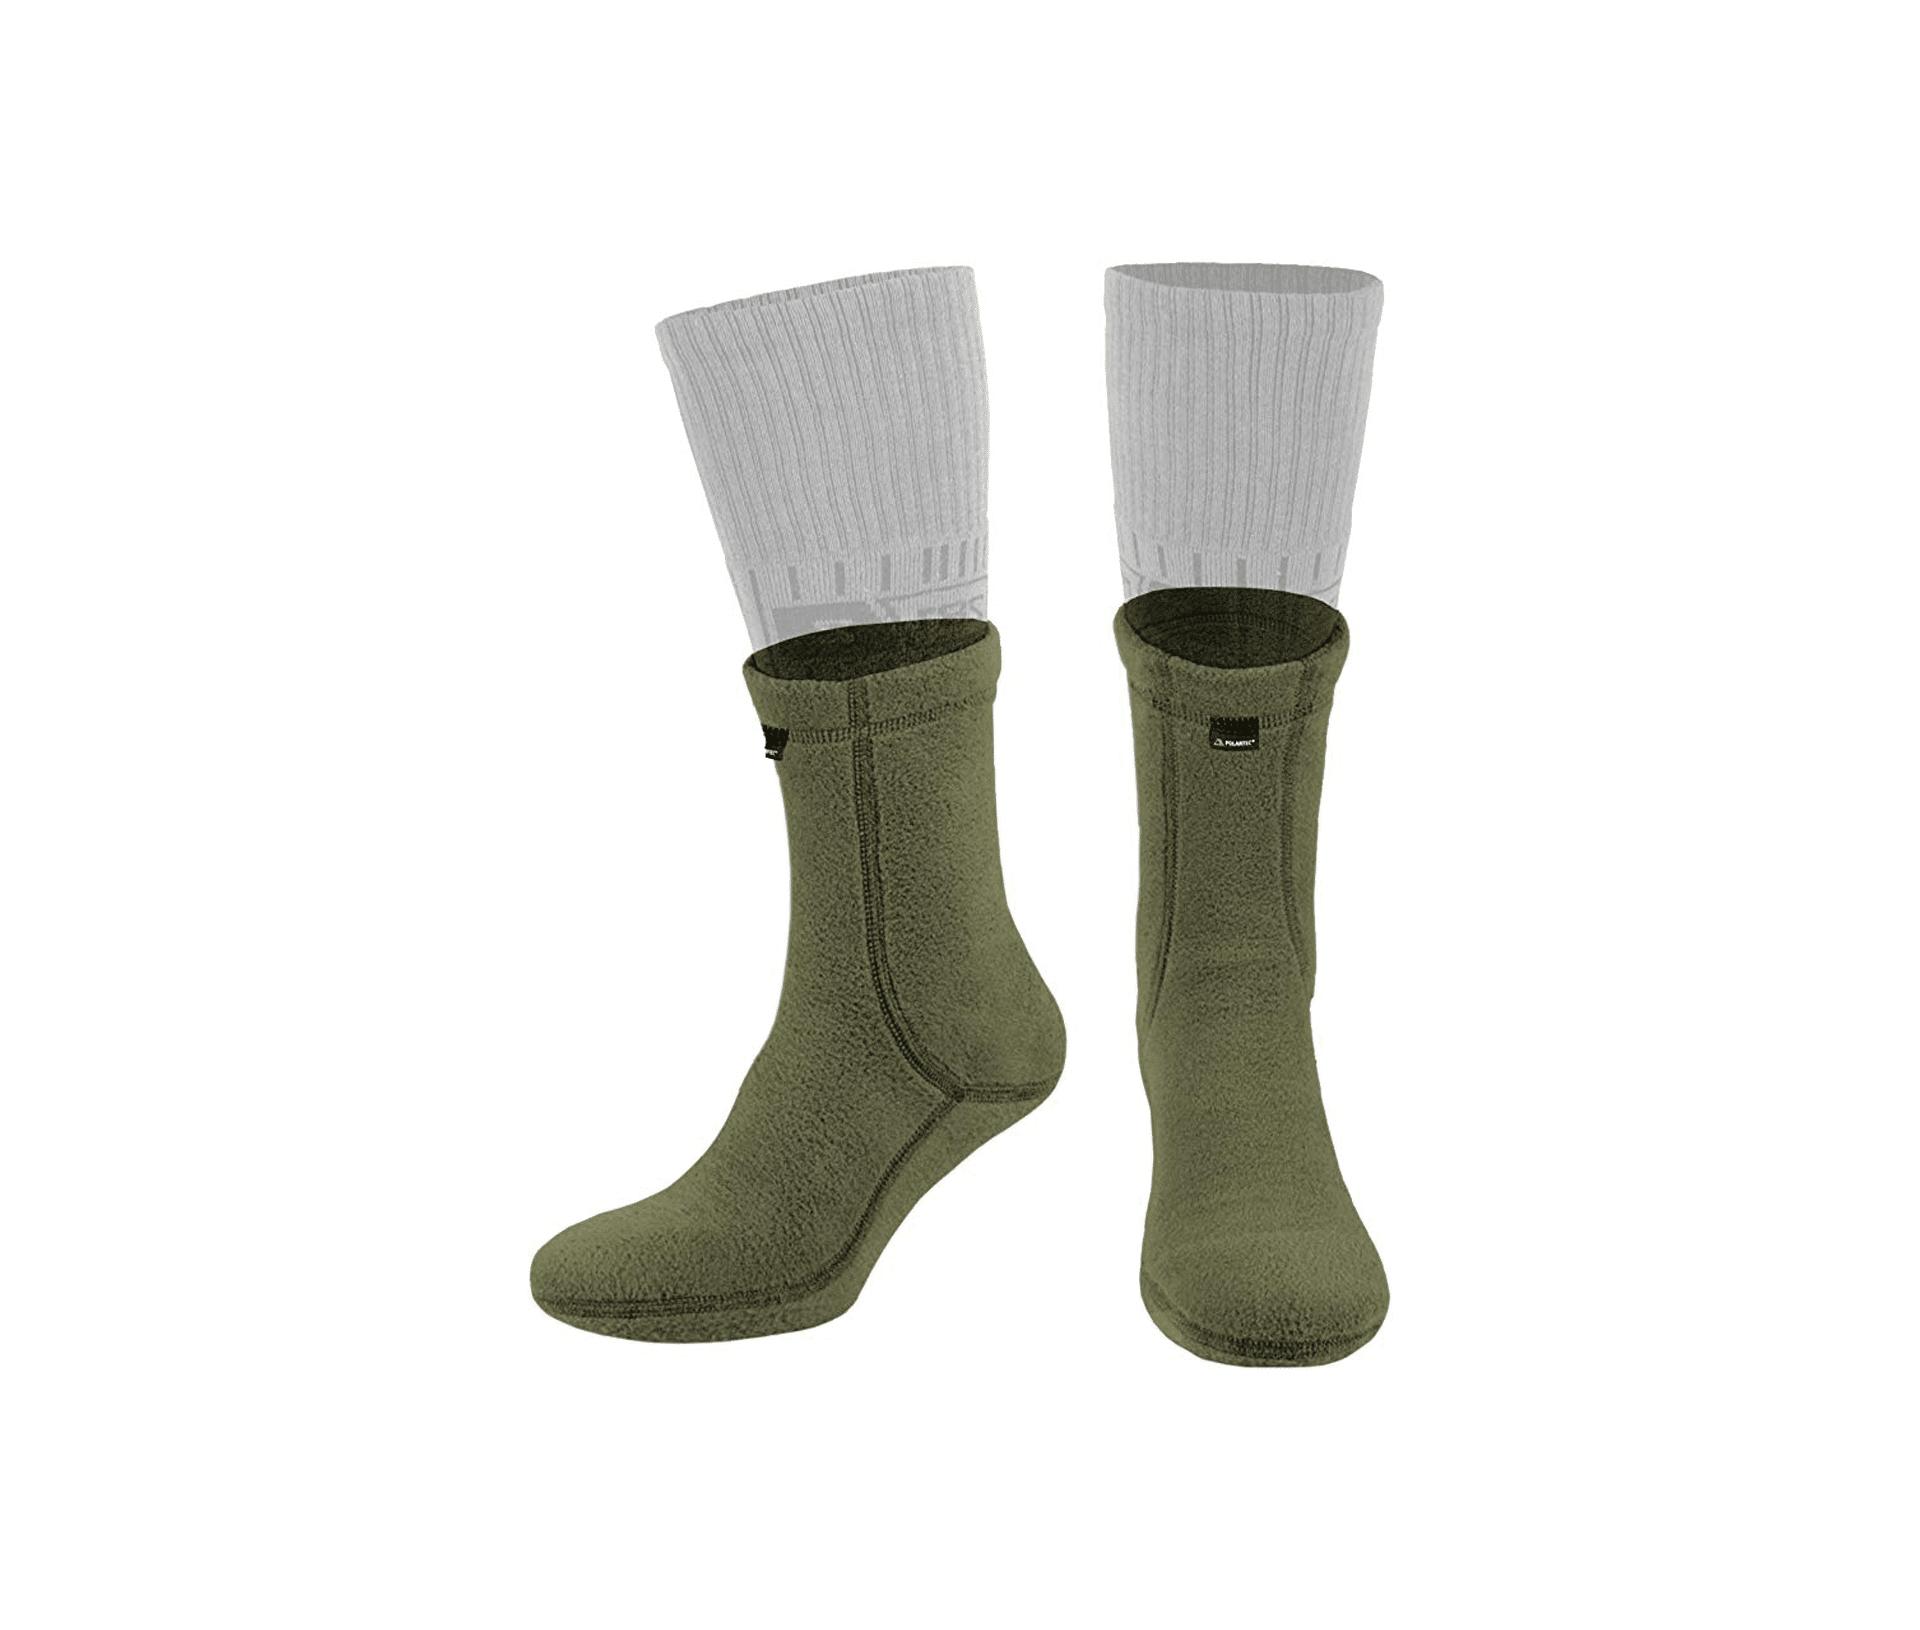 281Z Military Boot Socks